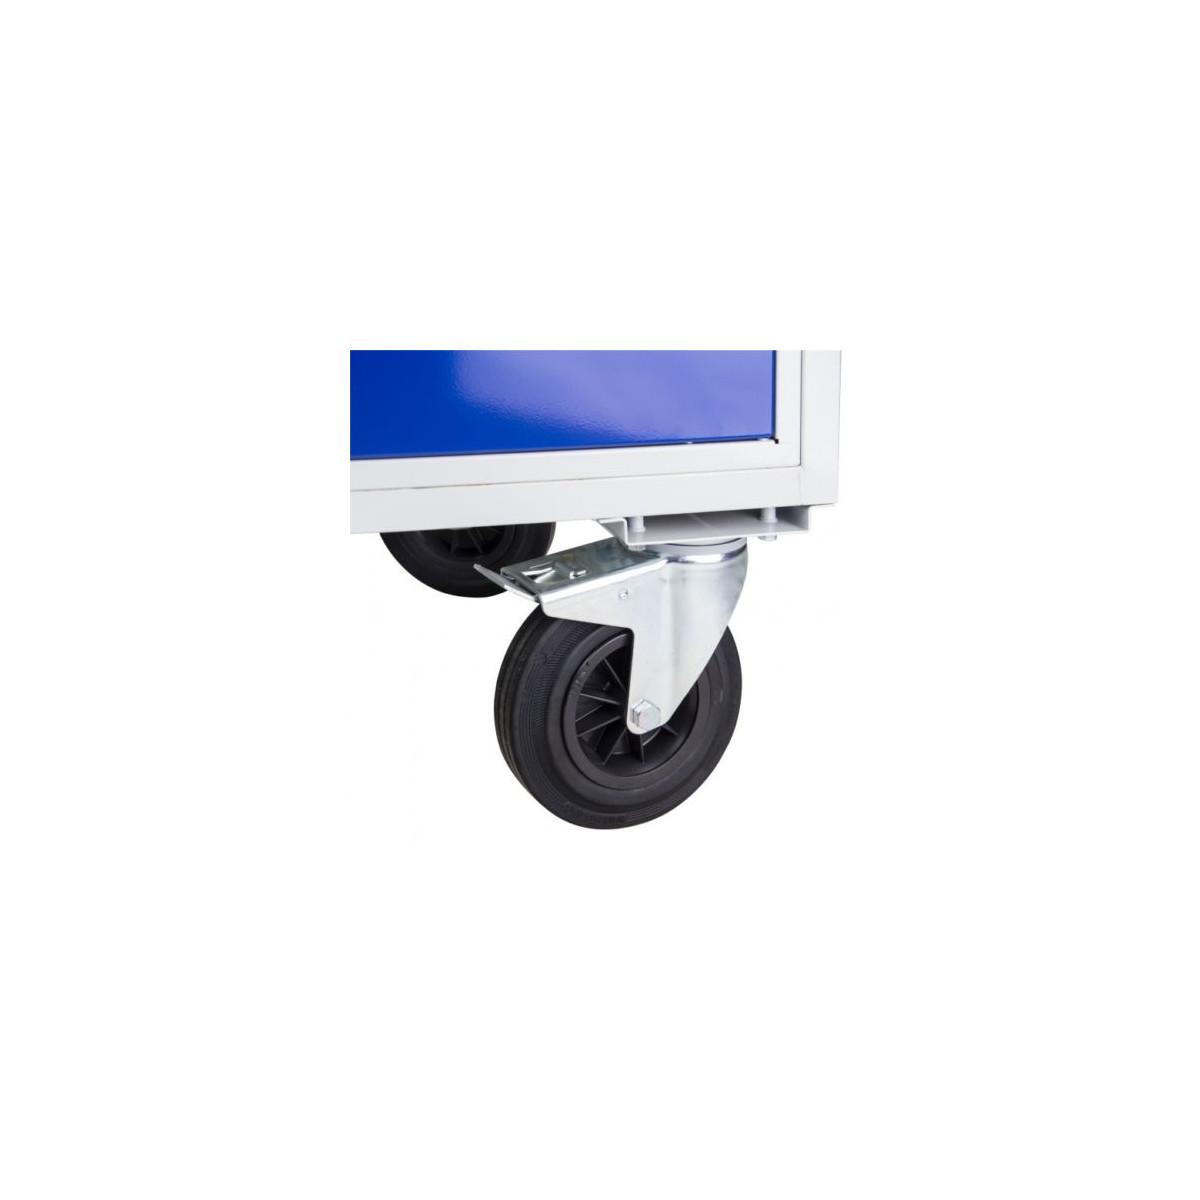 werkbank tischwagen auf rollen mit 4 schubladen ablagefach u buchen 397 33. Black Bedroom Furniture Sets. Home Design Ideas